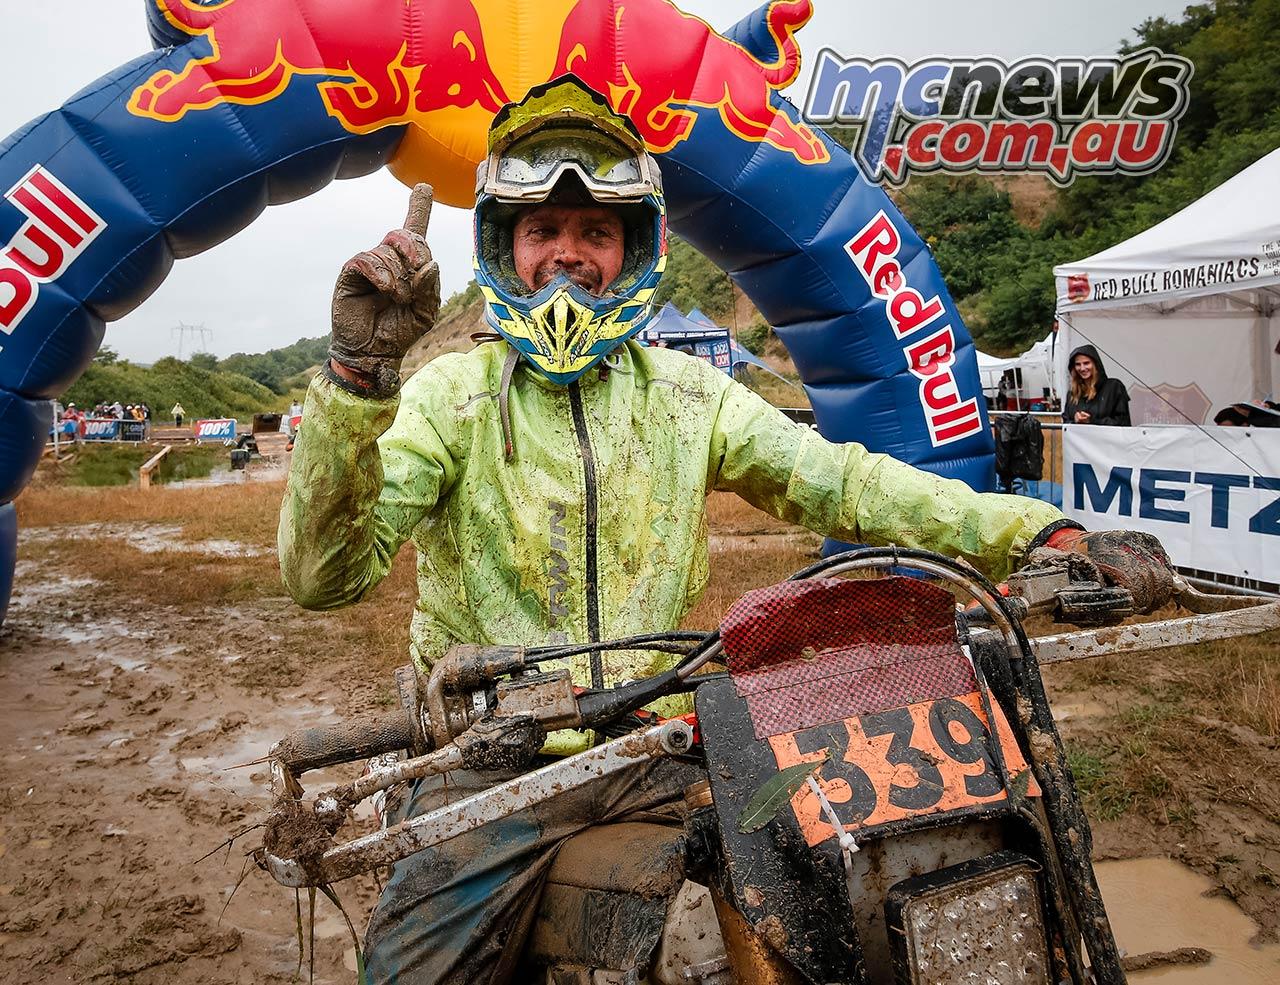 Red Bull Romaniacs Final Bronze Winner Marcin Weglarz